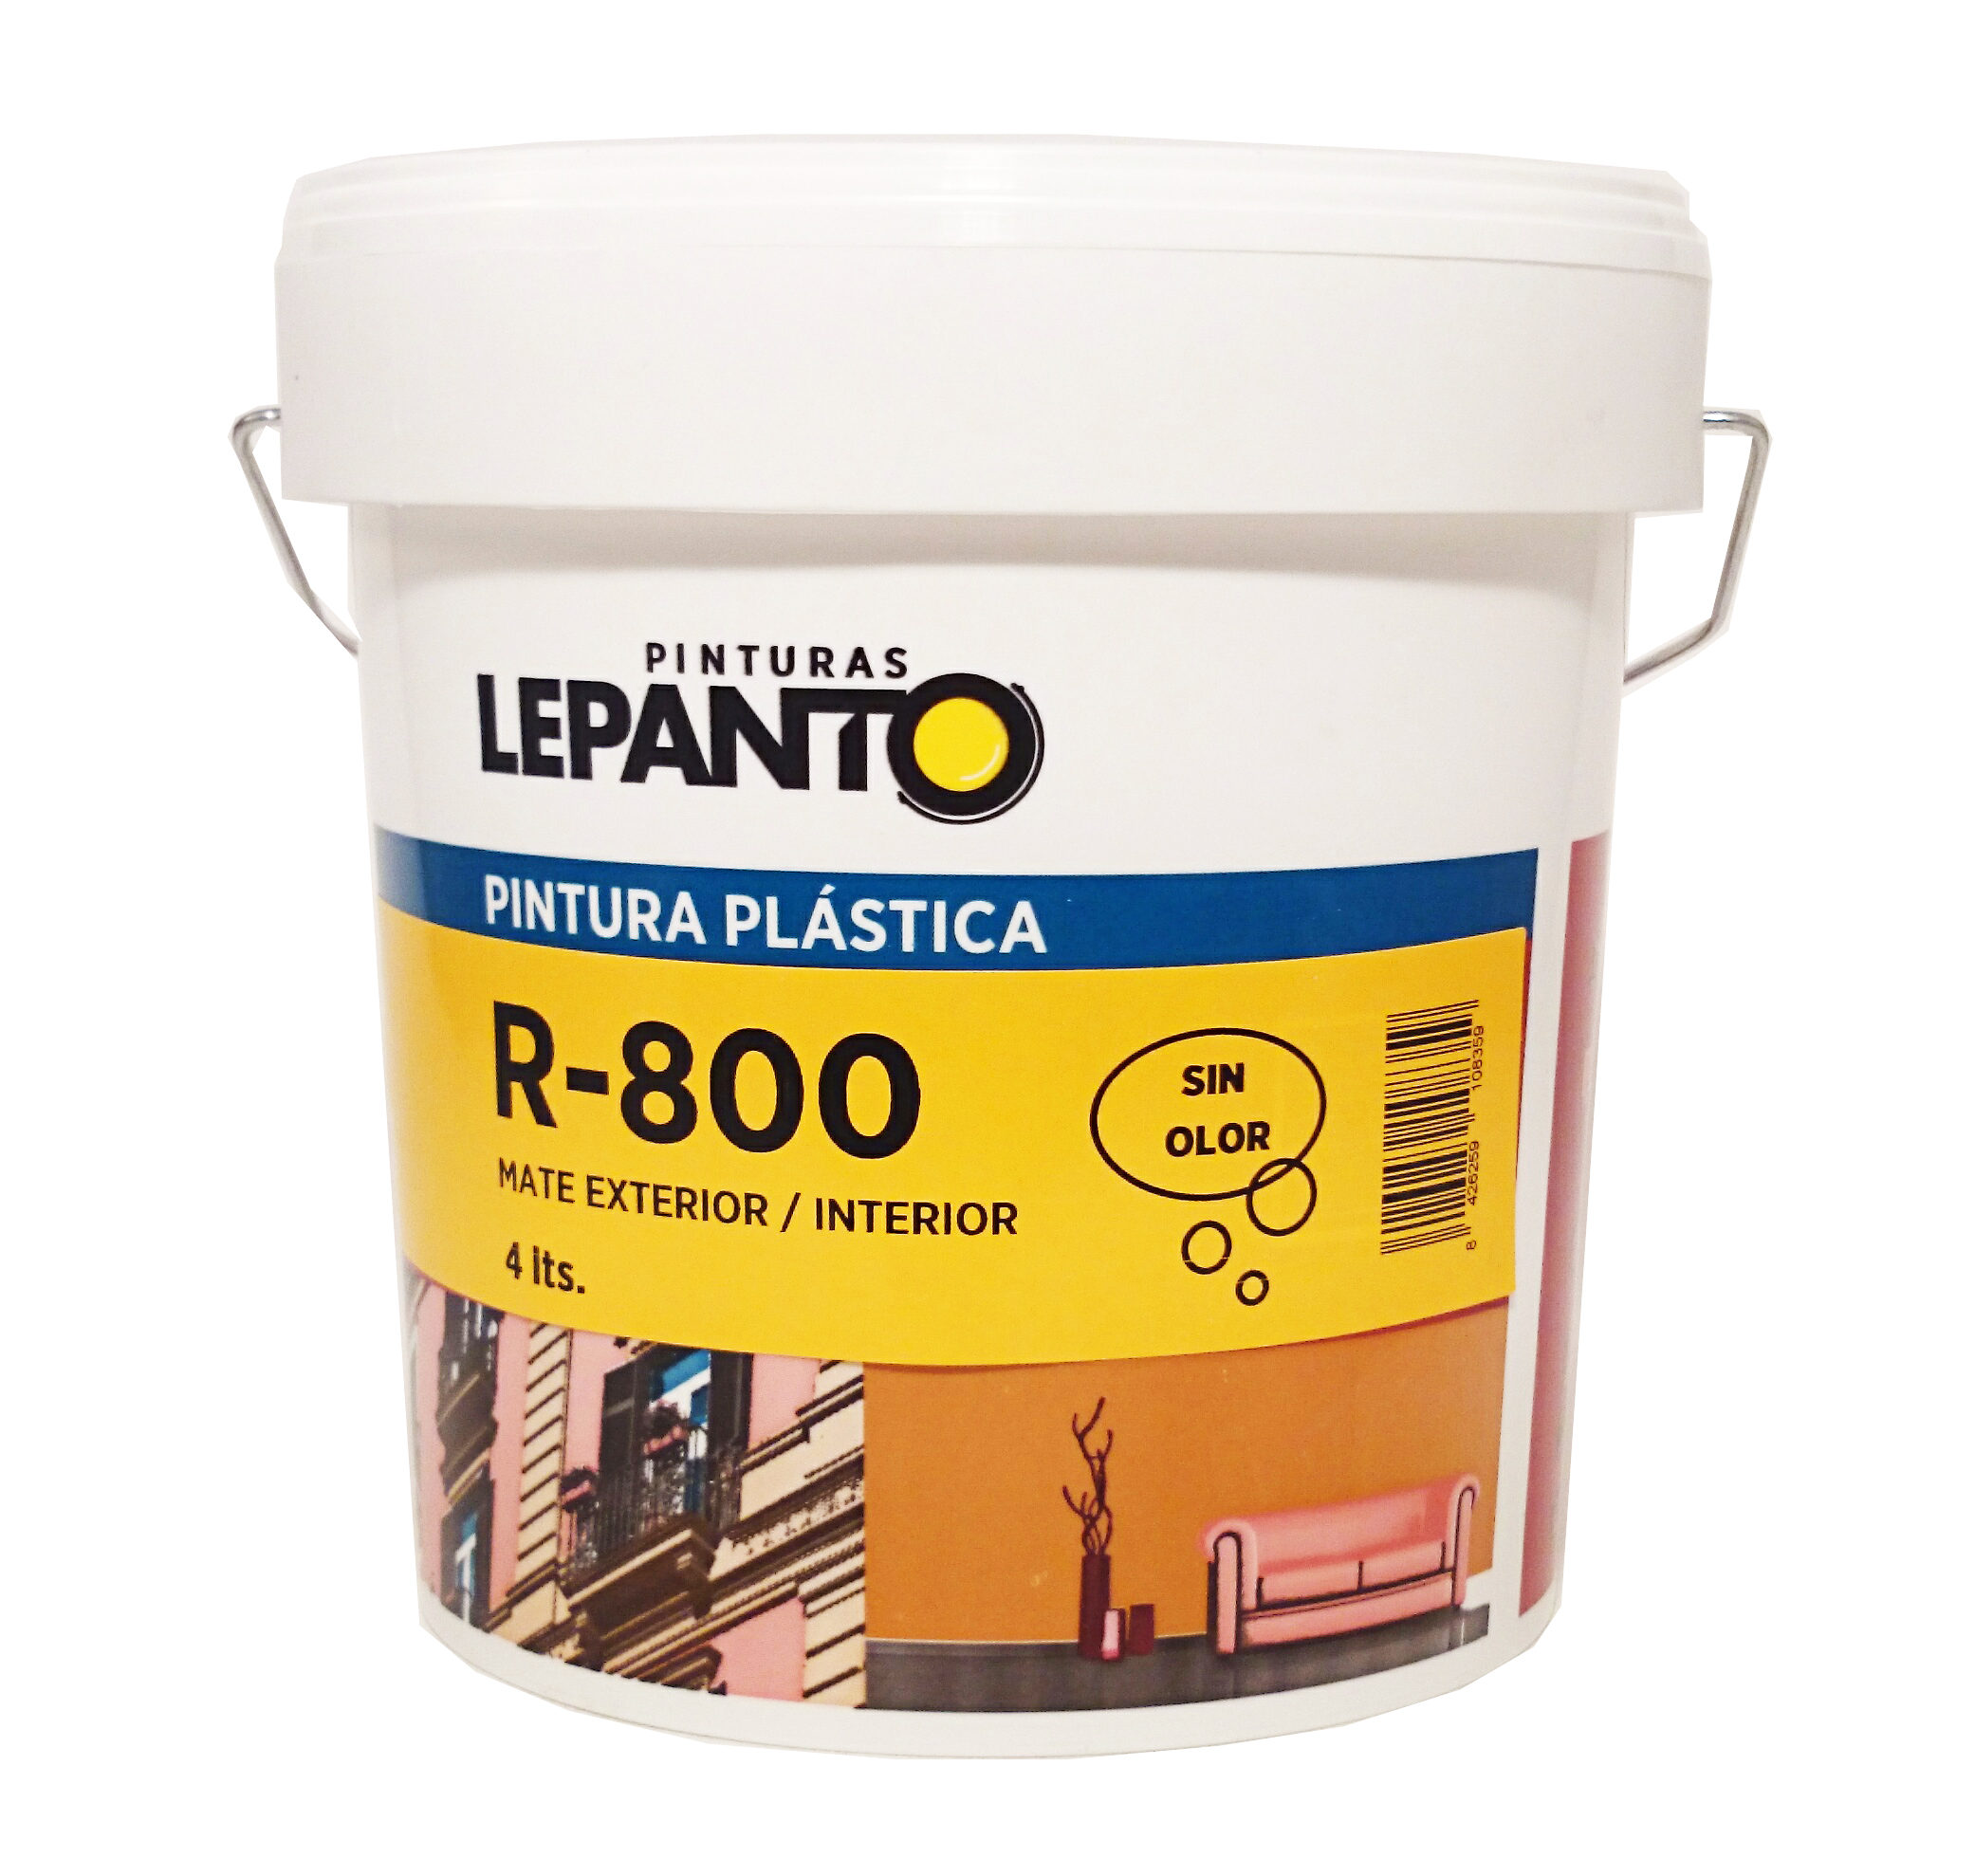 R 800 pinturas lepanto fabricante de pintura para profesionales y distribuidores - Pintura plastica interior ...